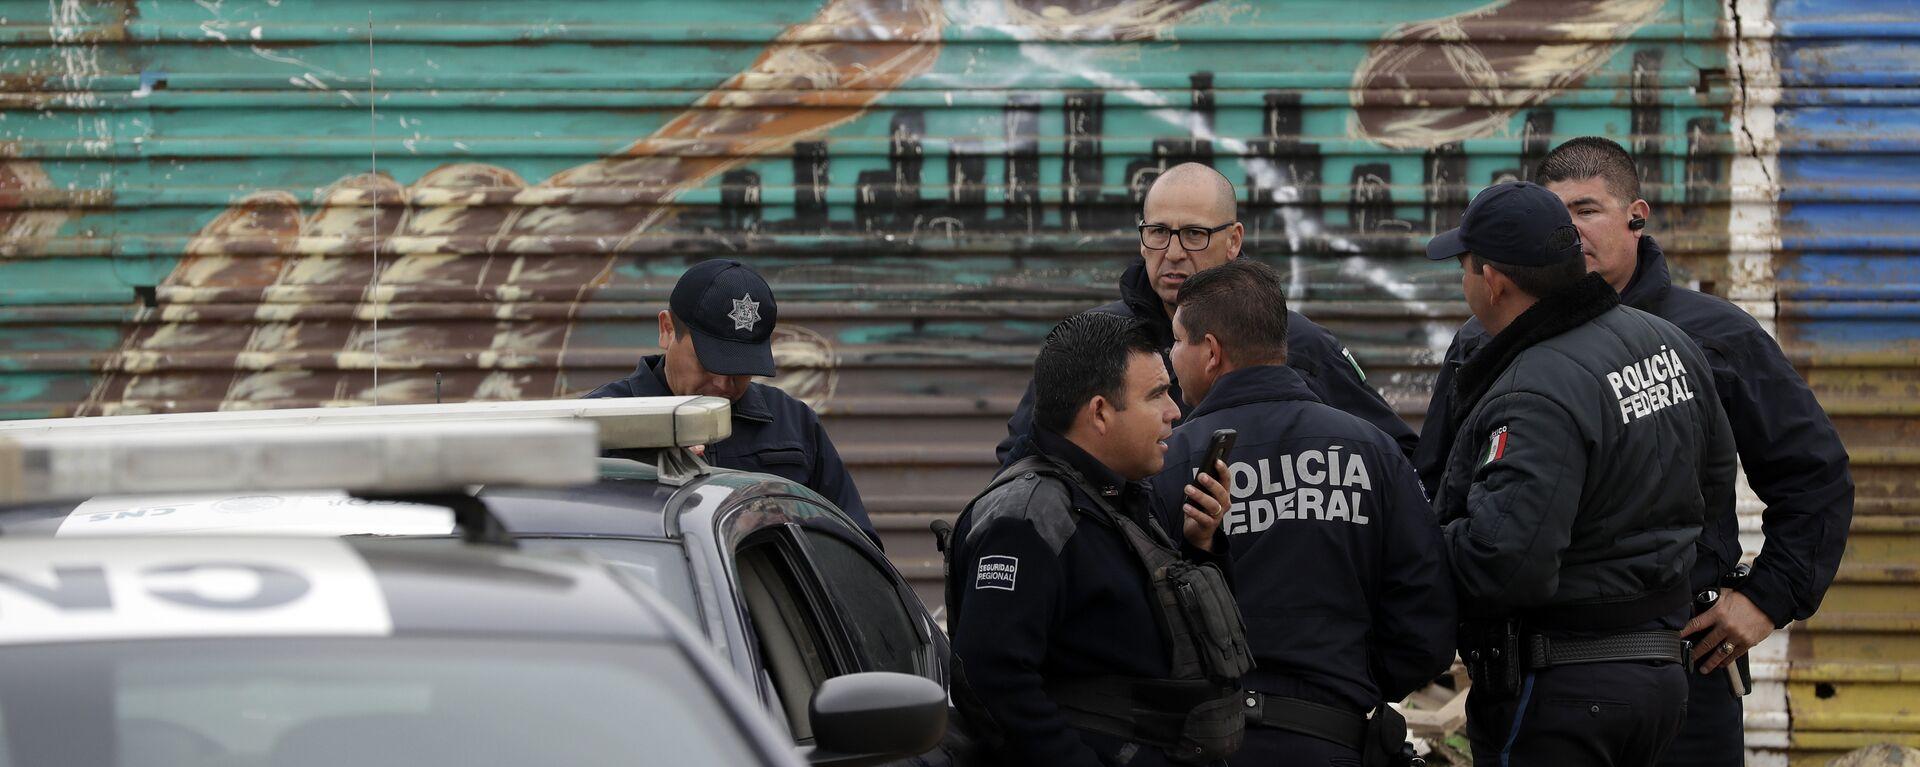 La Policía Federal de México - Sputnik Mundo, 1920, 16.06.2020